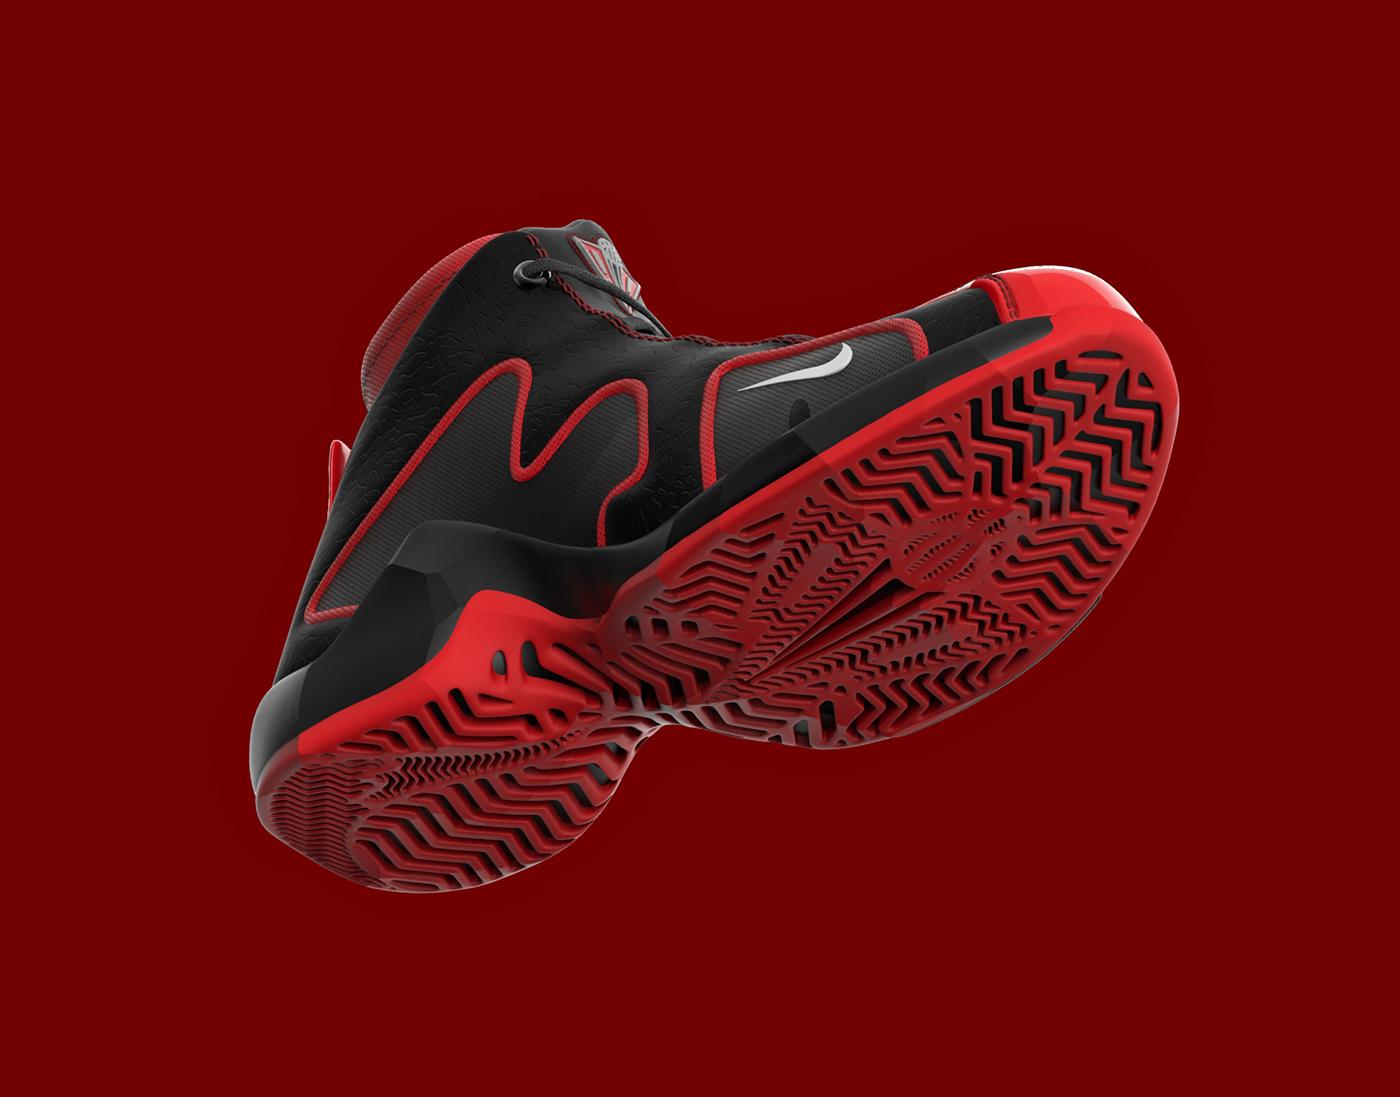 Scottie Pippen Nike Shoe